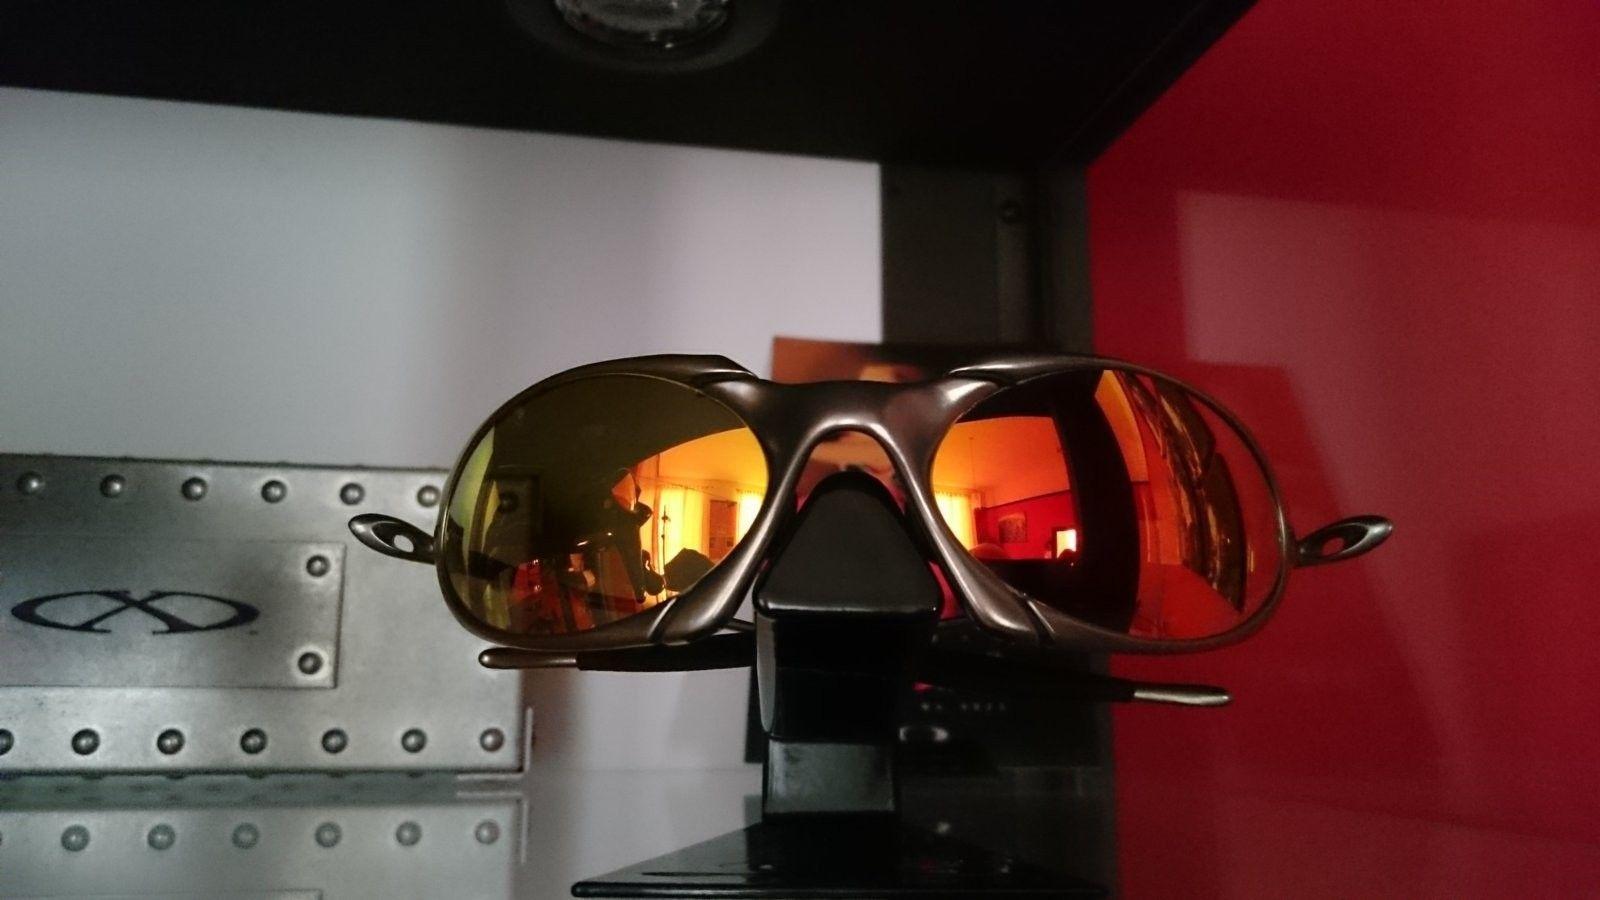 Warranty R1 Plasma Fire **Final call** - DSC_0791.JPG